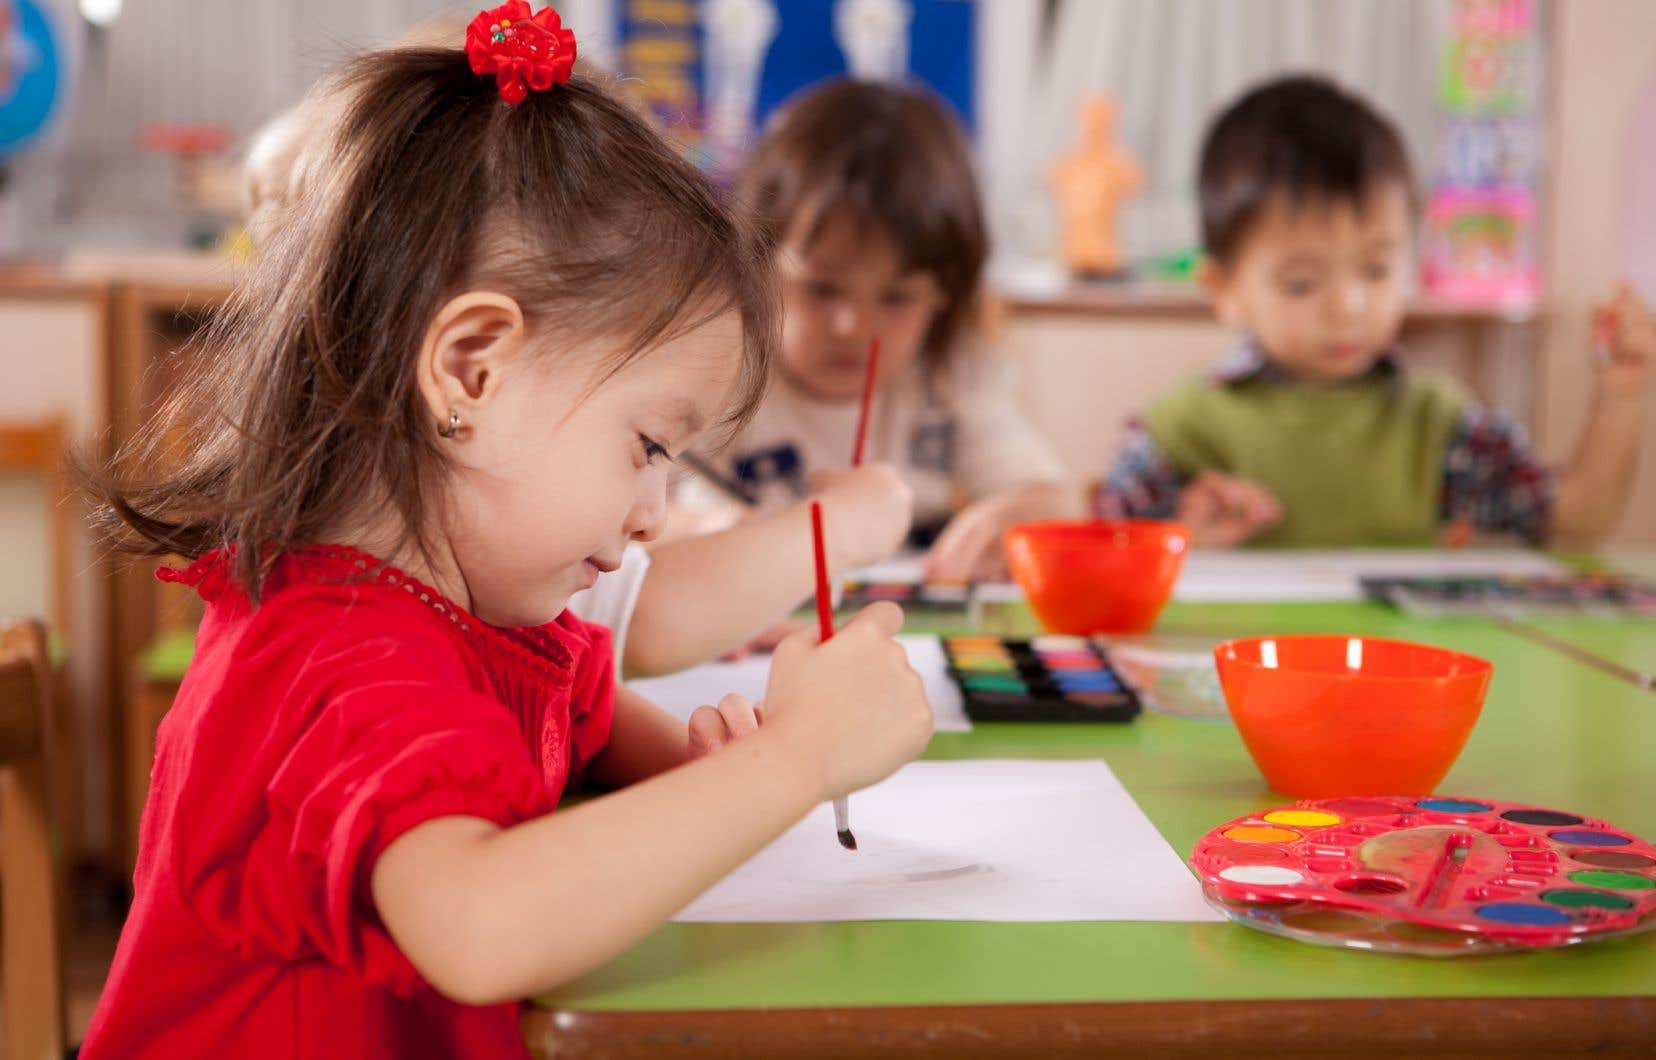 Un meilleur départ dans la vie pour les tout-petits favorise notamment une plus grande réussite éducative et une meilleure santé physique et mentale à l'âge adulte.